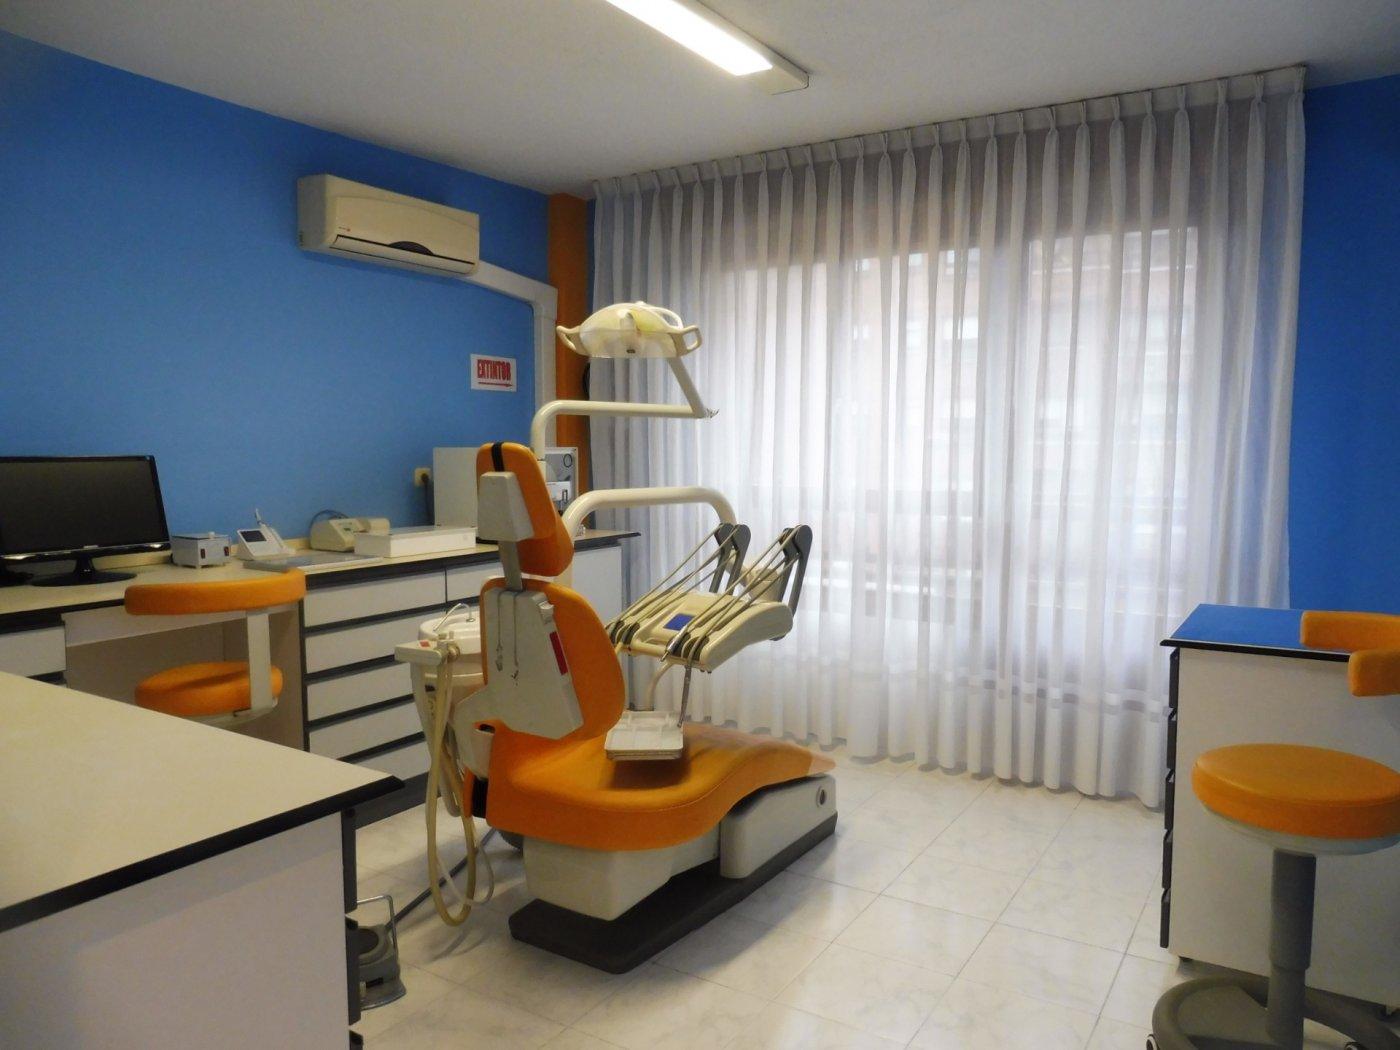 Ideal como clínica dental o vivienda - imagenInmueble3